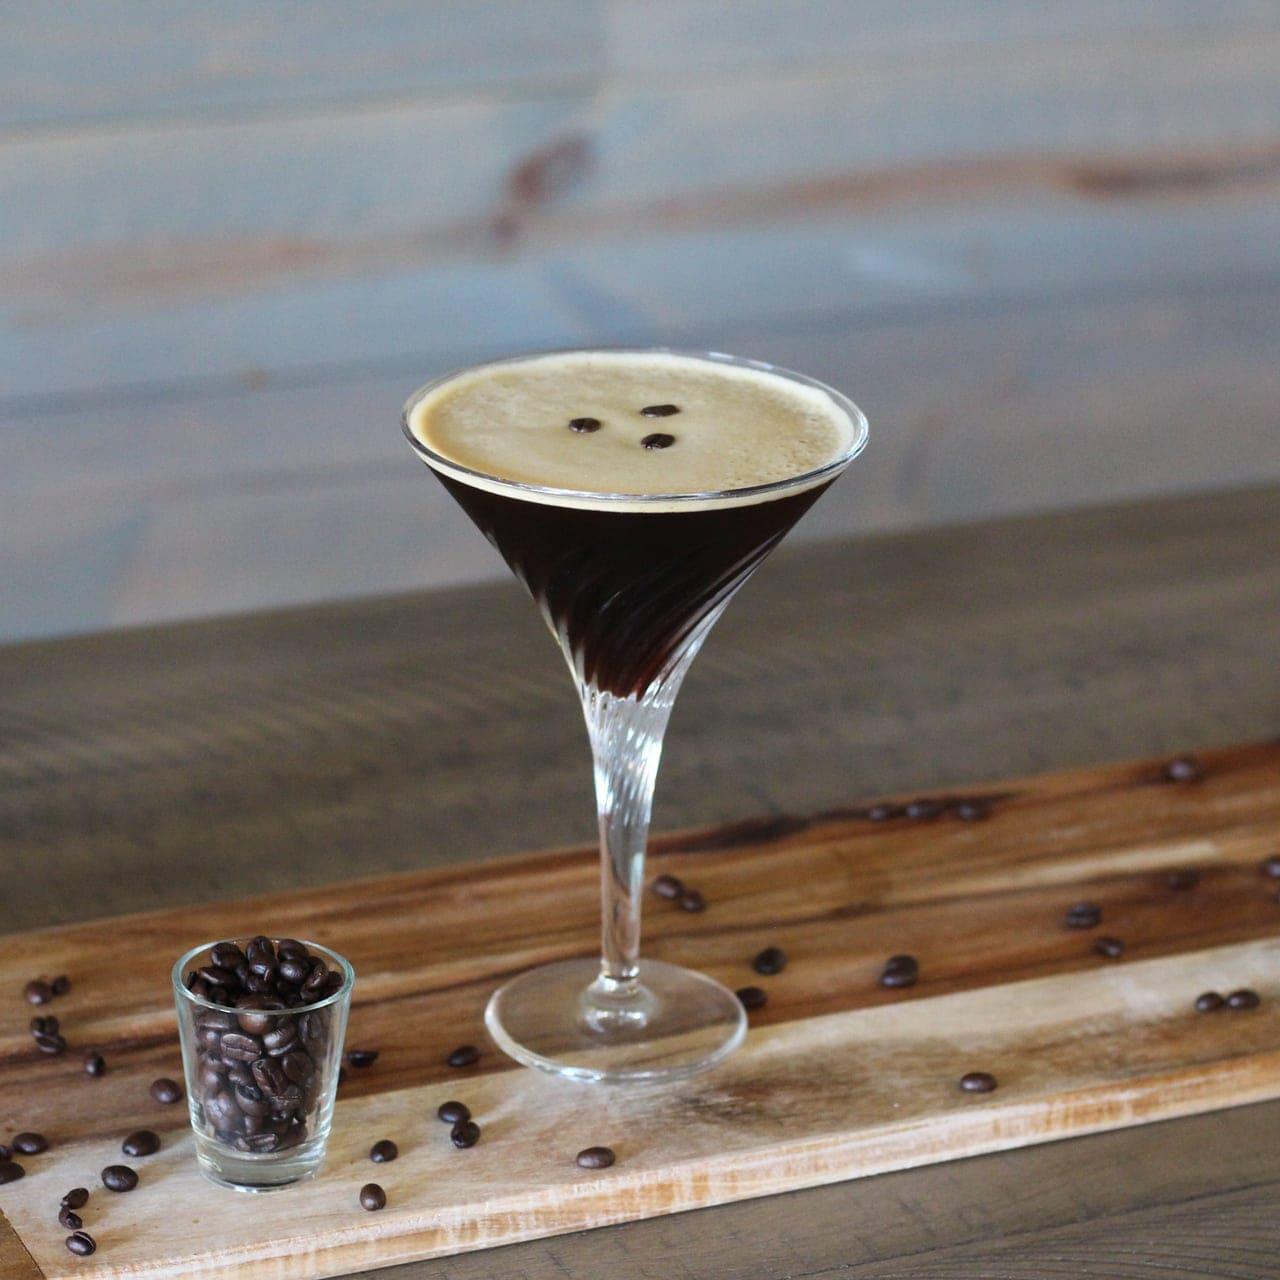 Pour the Vodka, Kahlua, and Espresso into a cocktail shaker over ice. Shake, Shake, Shake. Pour into your favorite martini glass and enjoy!